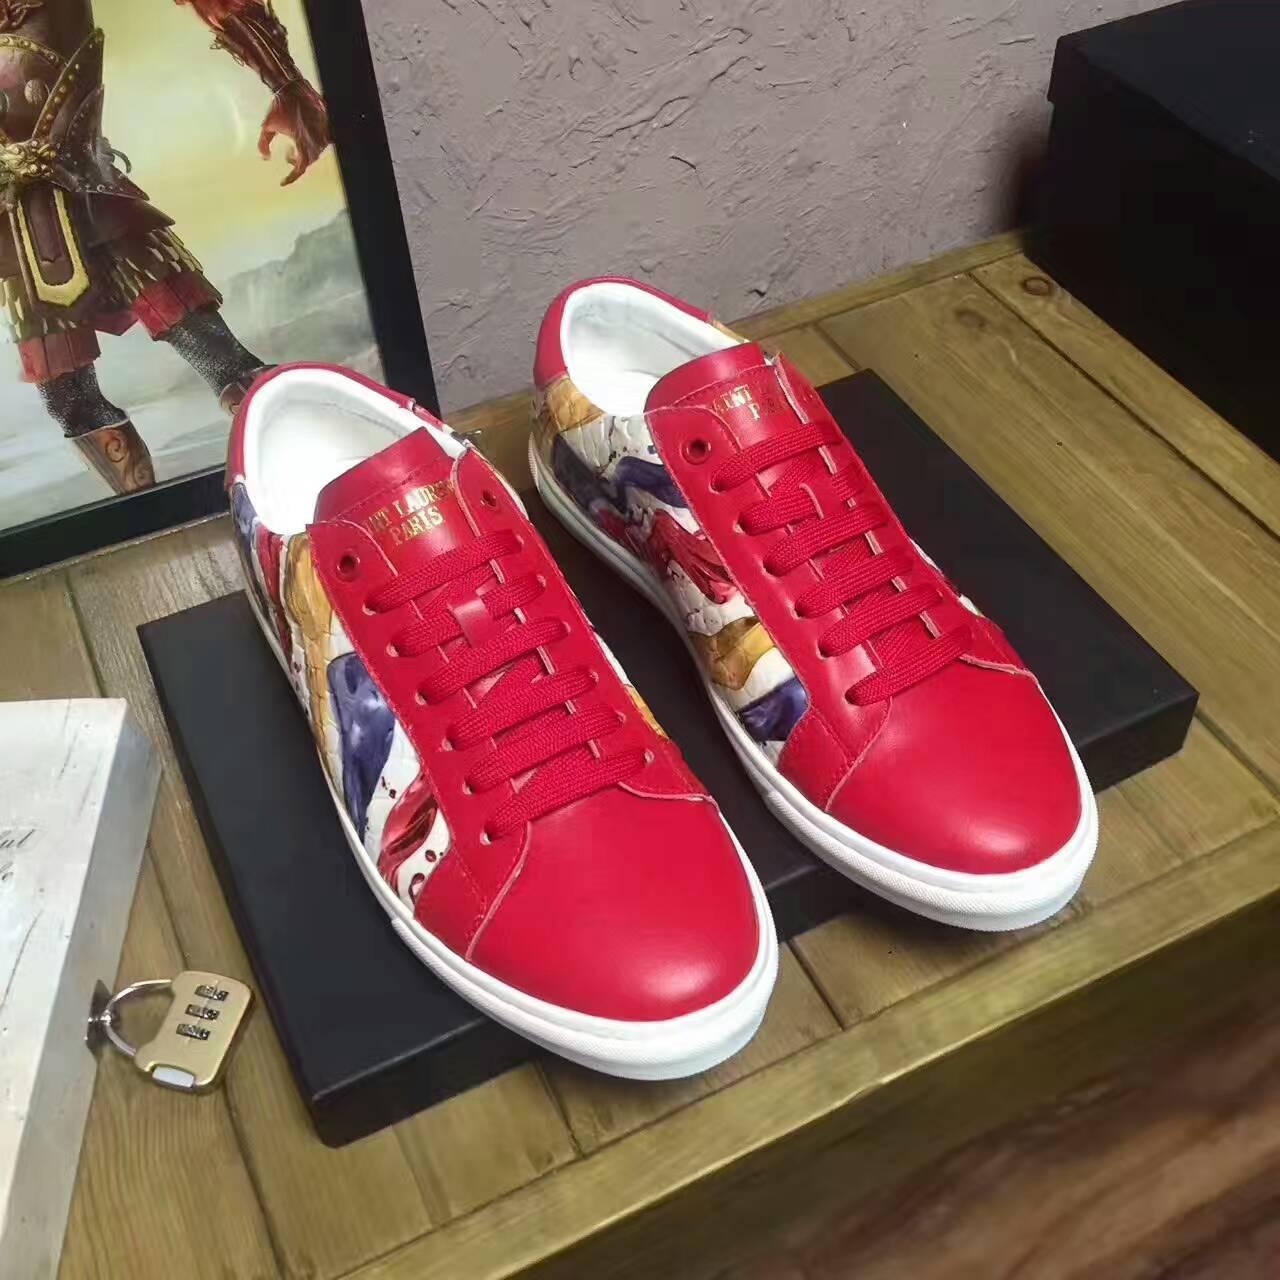 slp圣罗兰板鞋鞋带的系法你会几种呢?图片